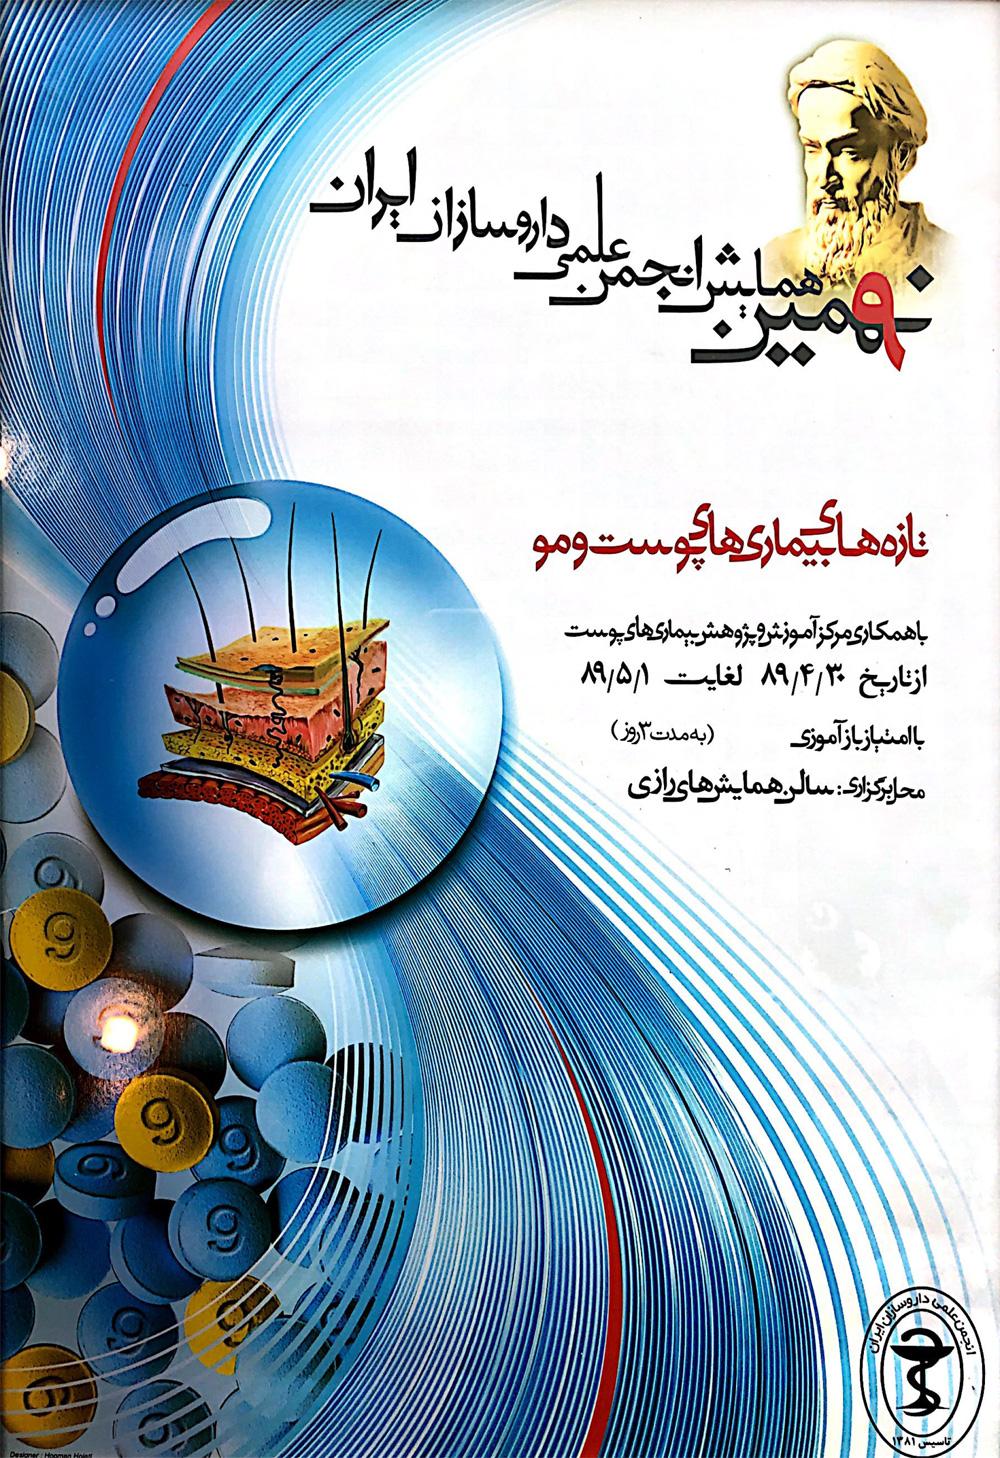 مرکز آموزش و پژوهش بیماری های پوست و جذام, انجمن علمی داروسازان ایران